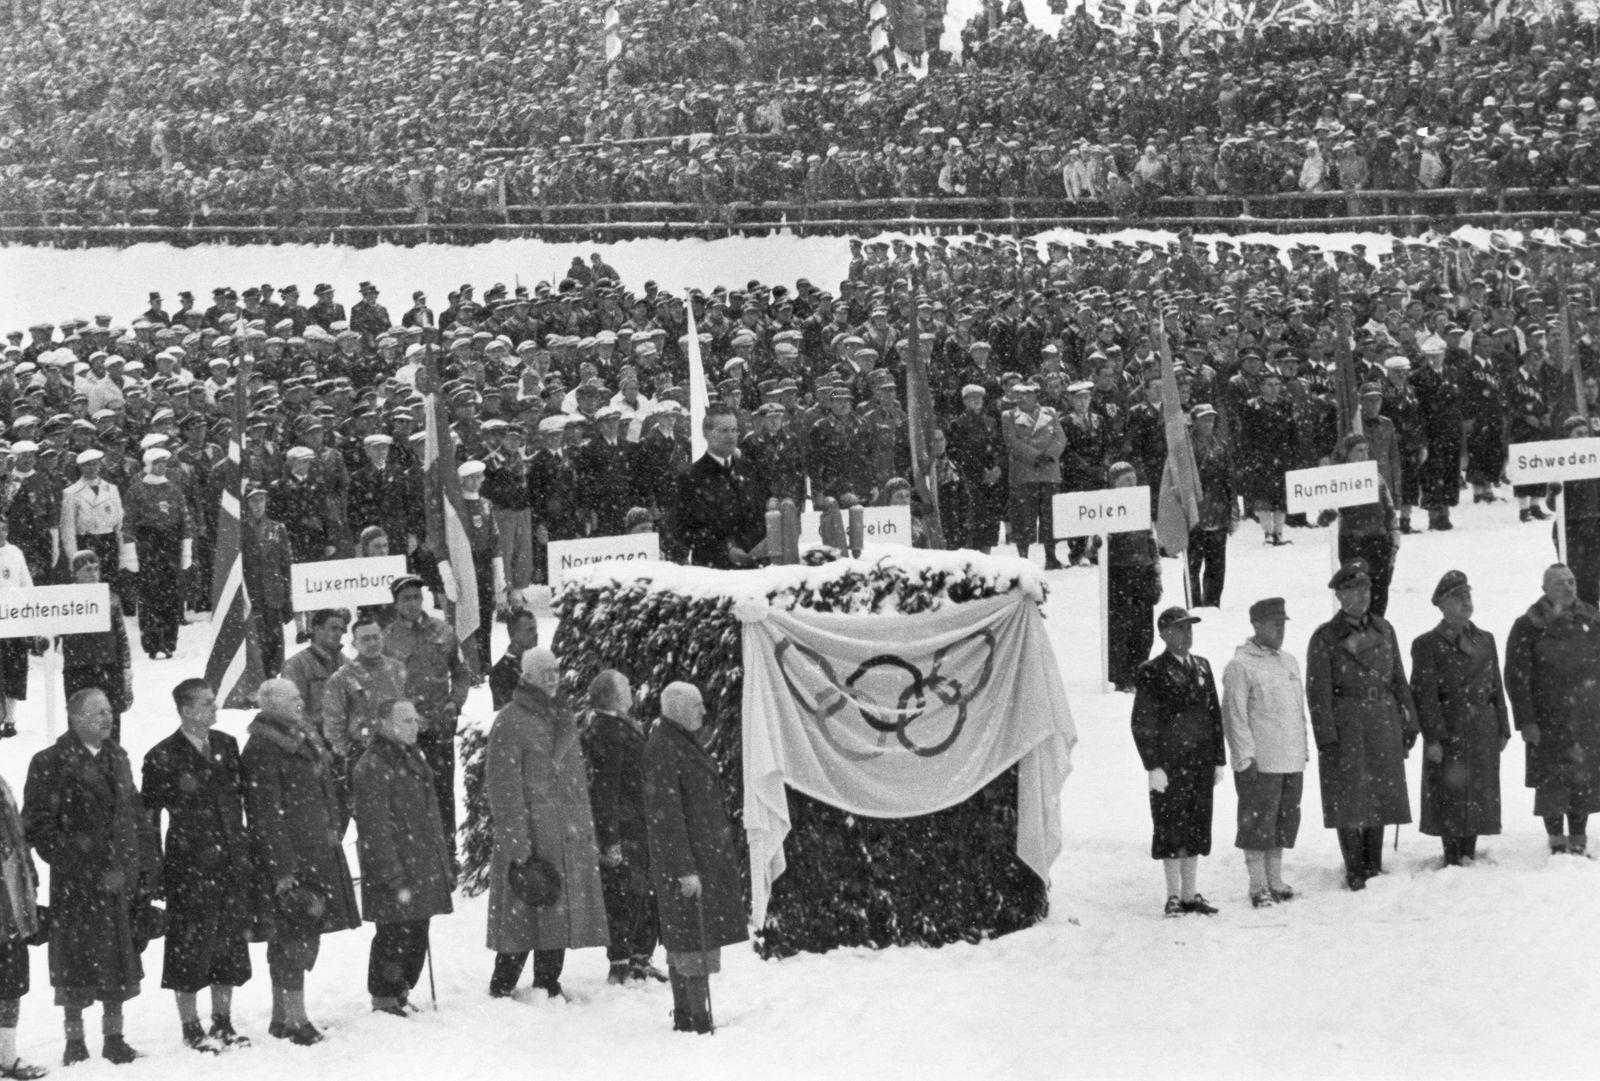 Karl Ritter von Halt, Präsident des Organisationskomitees, hält die Eröffungsansprache im Olympischen Skistadion